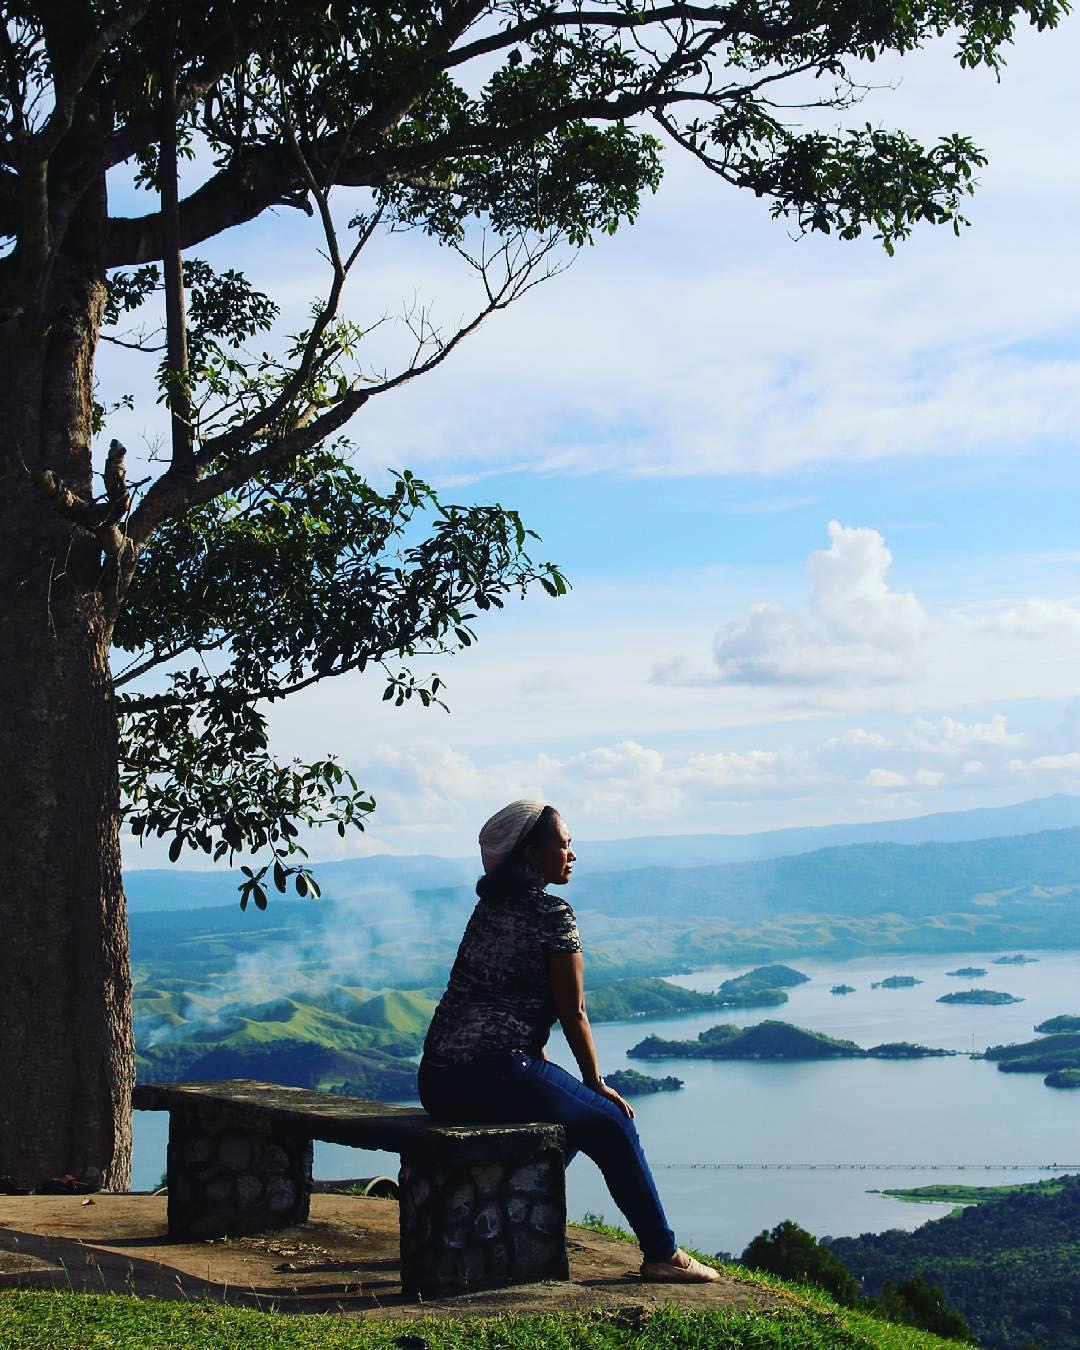 Wisata Papua Puncak Ifar Jayapura Menikmati Panorama Ketinggian Foto Oleh